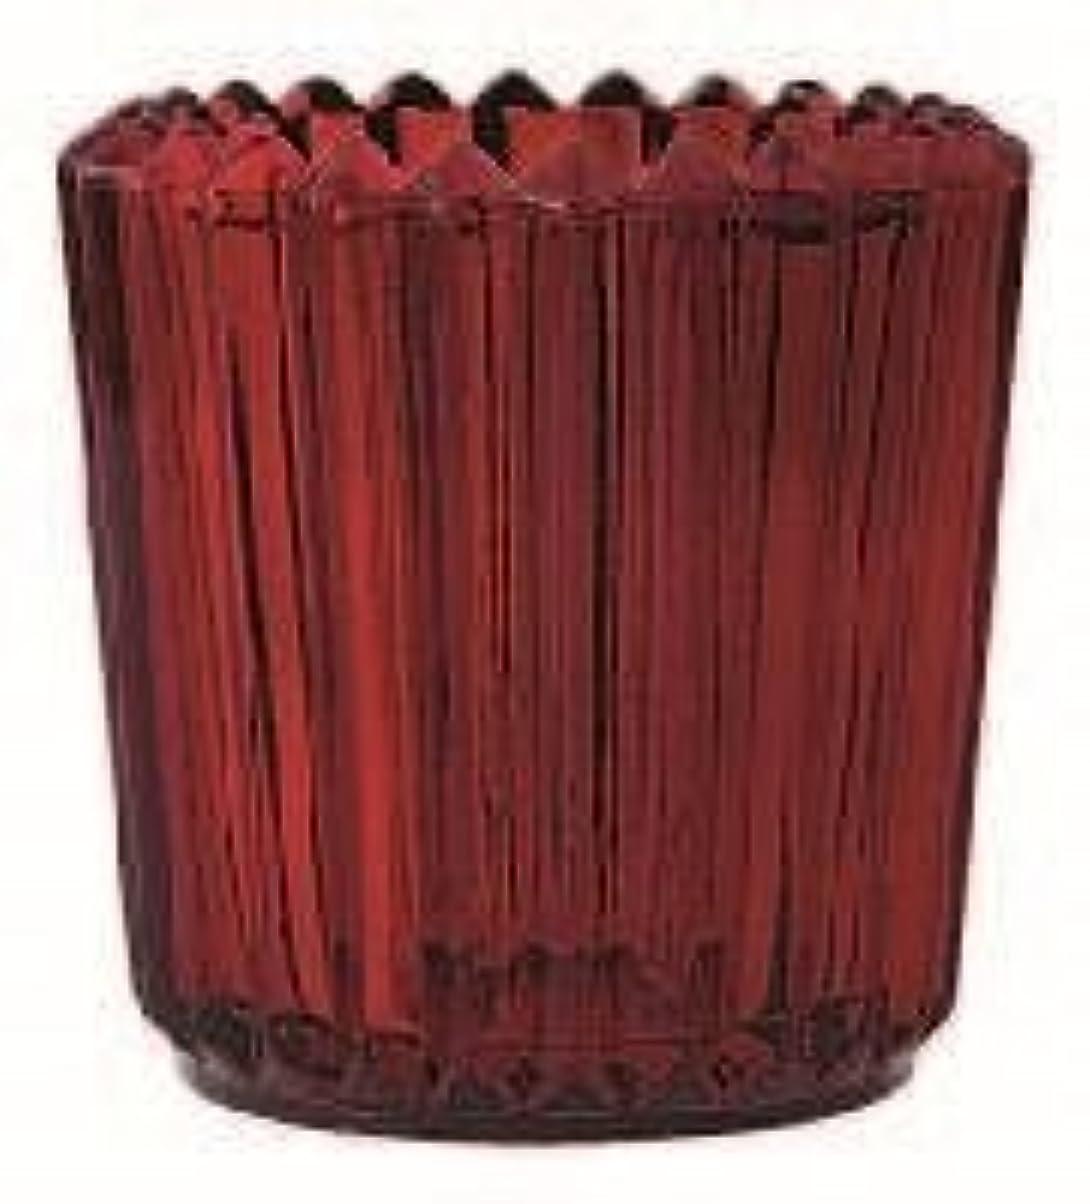 倉庫普通に養うカメヤマキャンドル(kameyama candle) ソレイユ 「 レッド 」